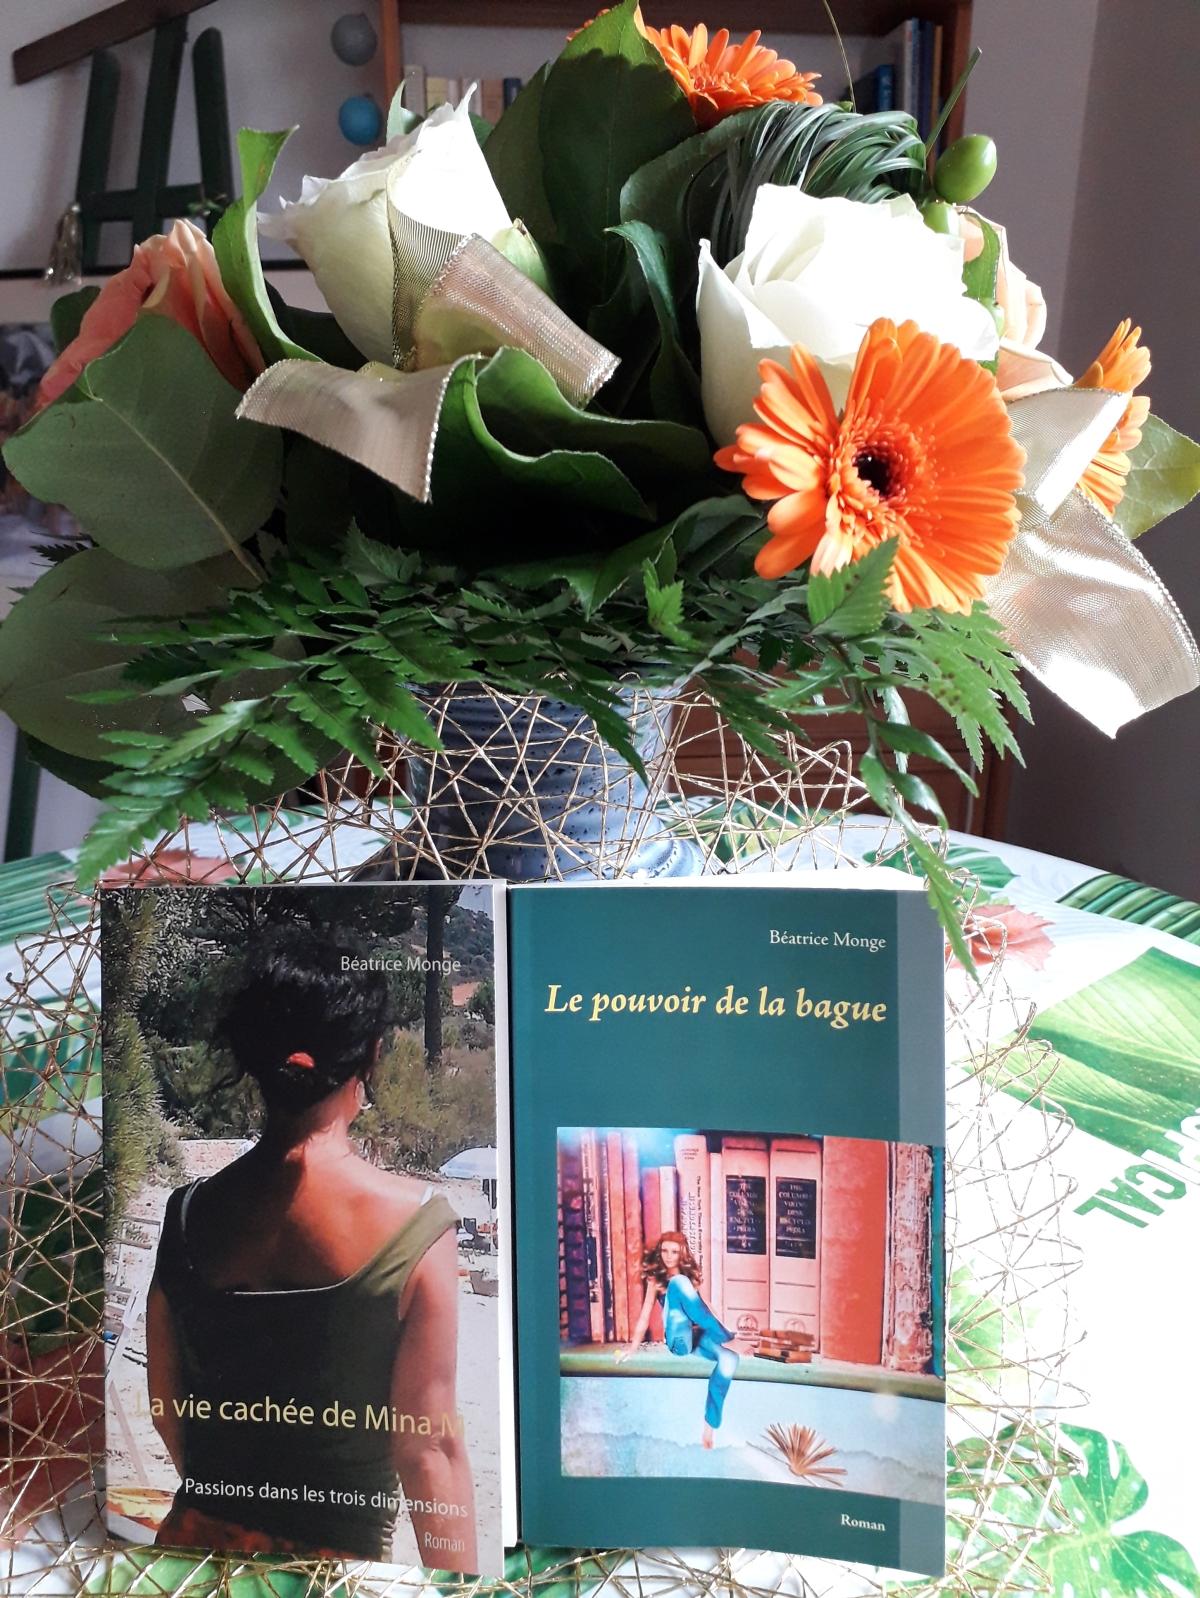 Des lectures qui font du bien «LE POUVOIR DE LA BAGUE» et «LA VIE CACHEE DE MINAM».